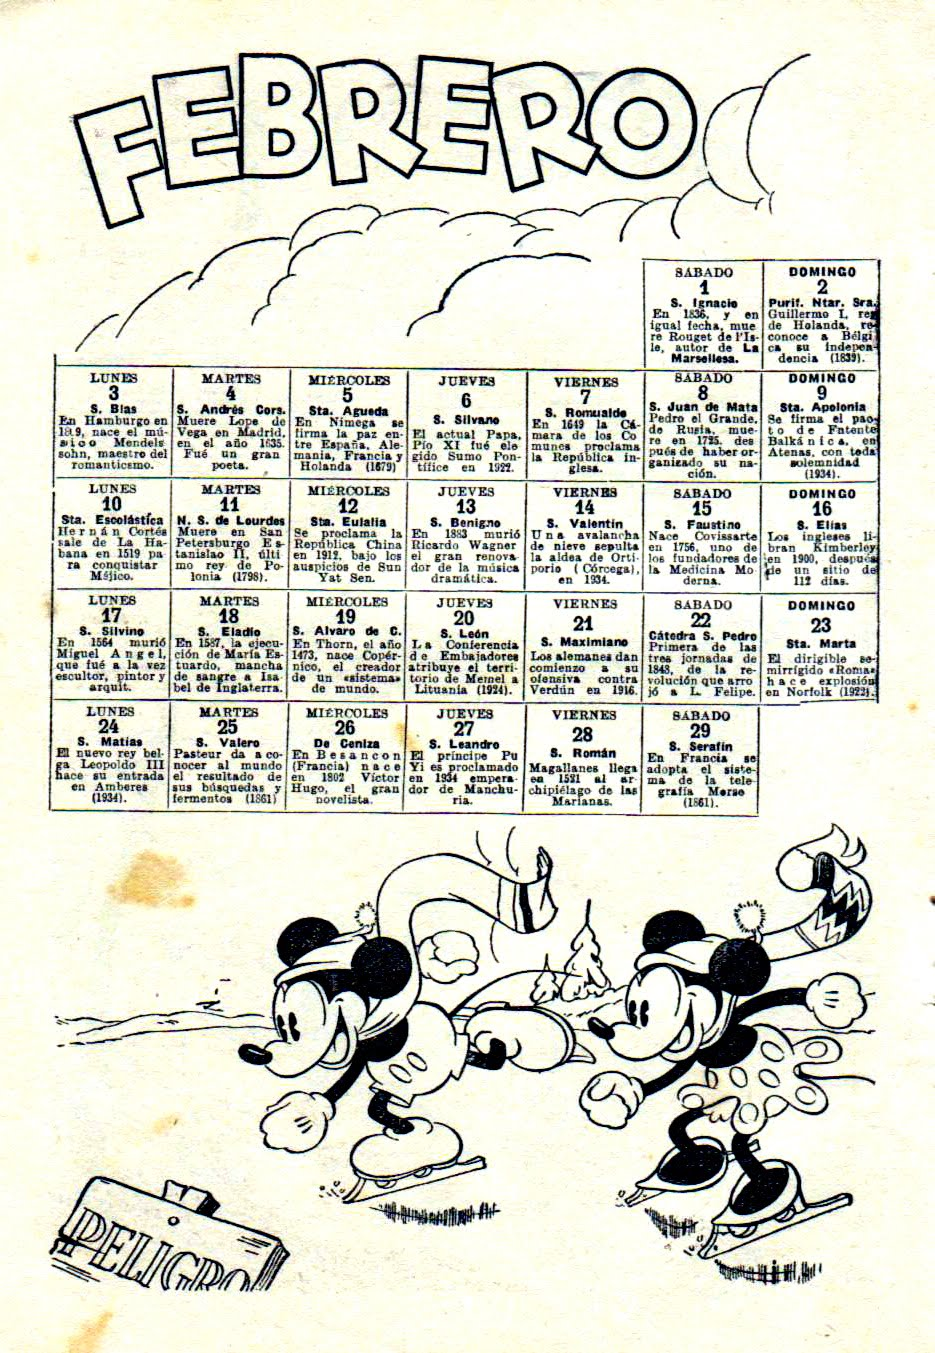 Calendario 1936.Calendario 1936